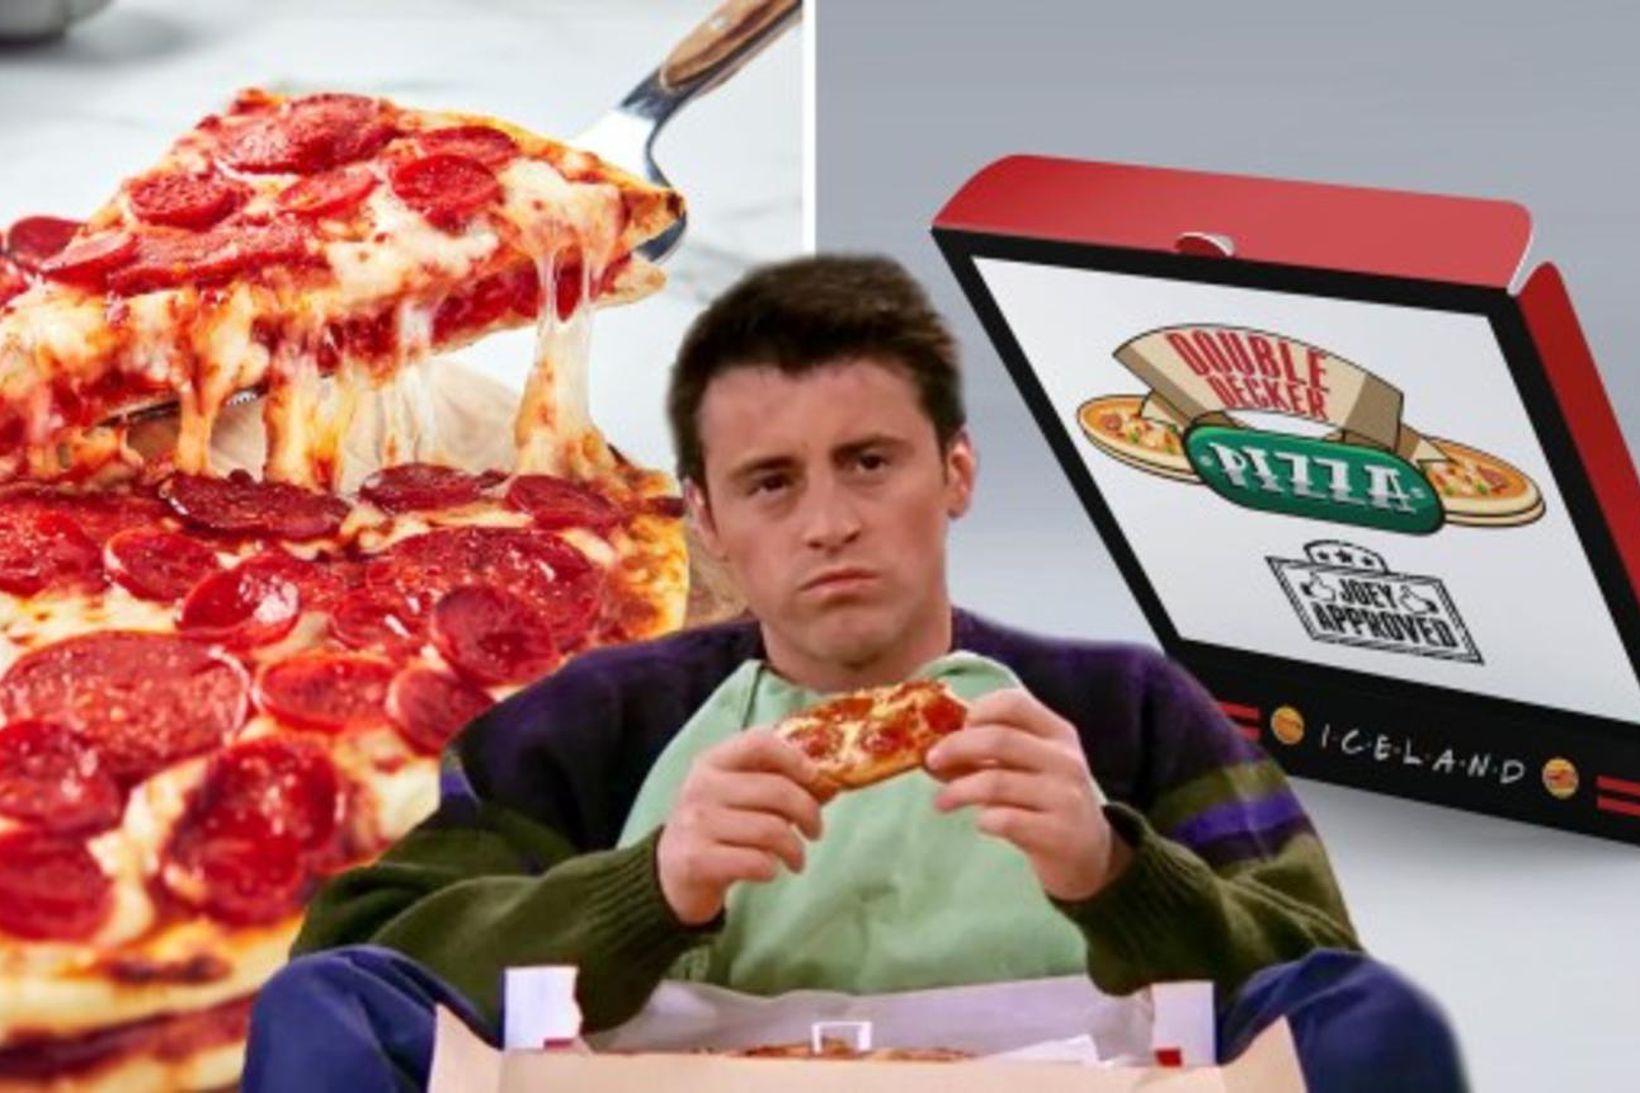 Karakterinn Joey Tribbiani úr sjónvarpsþáttunum Friends, var sólginn í pítsur. …